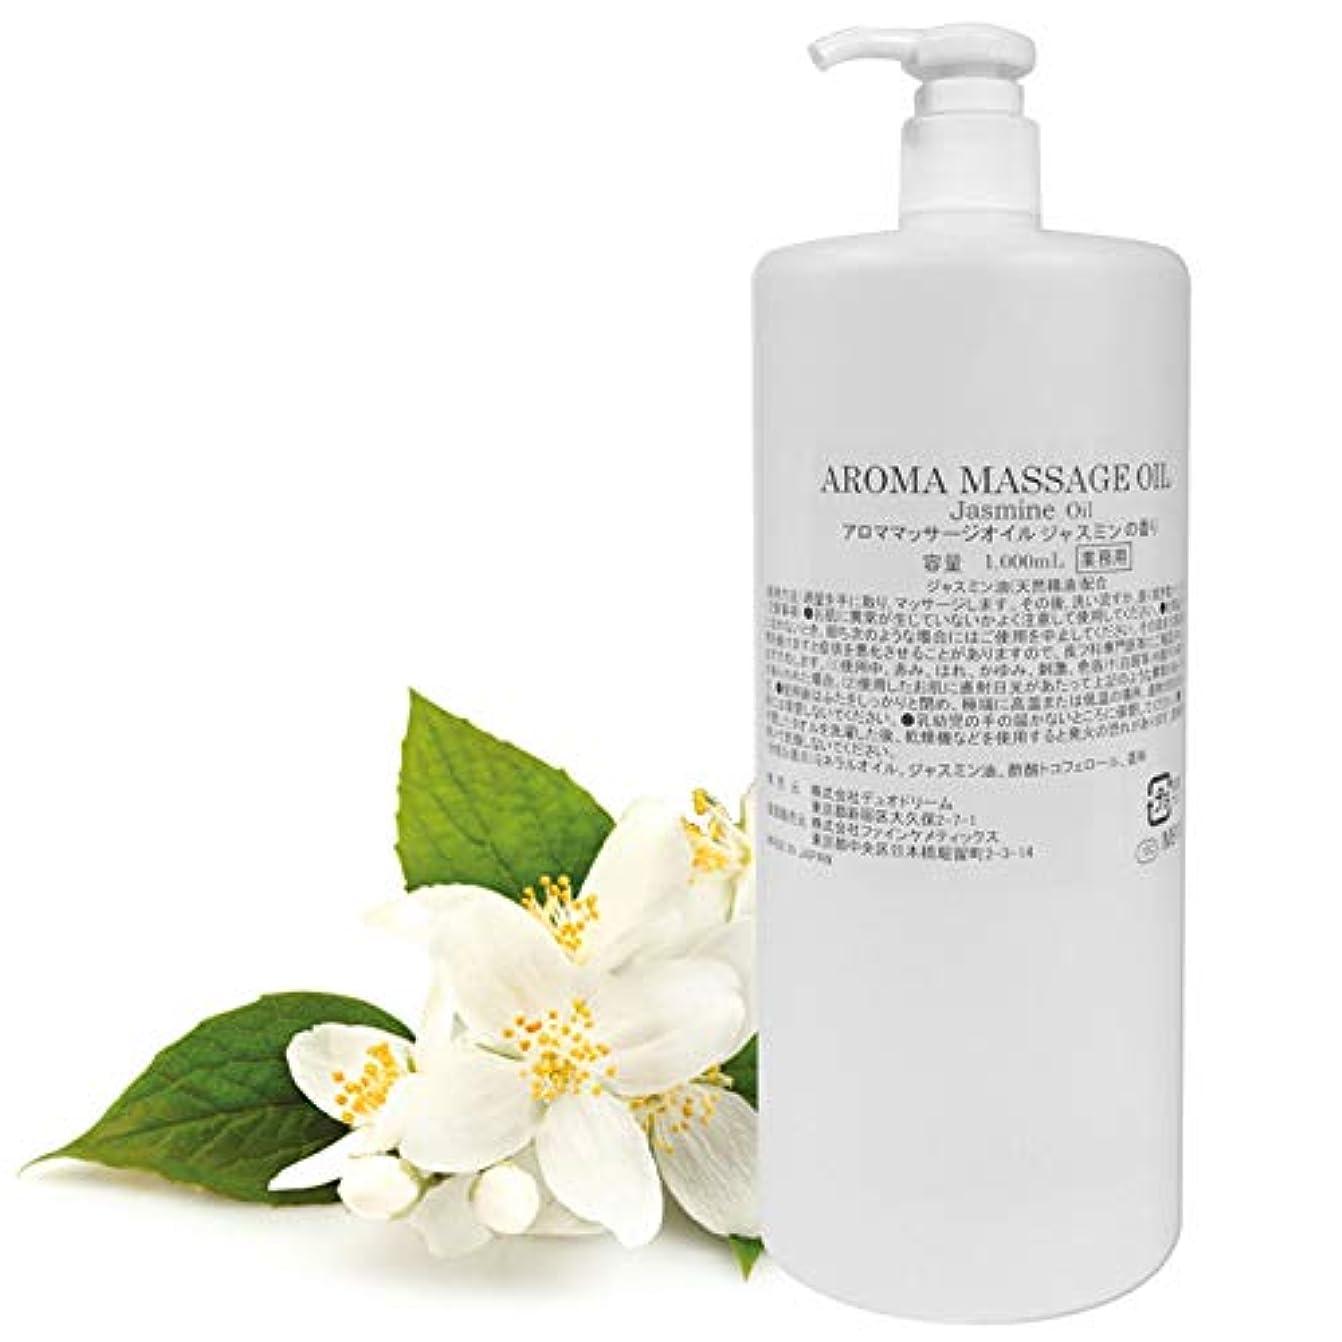 評価する薬局インフレーションNEW 日本製 アロママッサージオイル ジャスミン 1000mL 業務用 ★ジャスミン油 天然精油配合 エキゾチックなジャスミンの香り さっぱりタイプ ジャスミンオイル